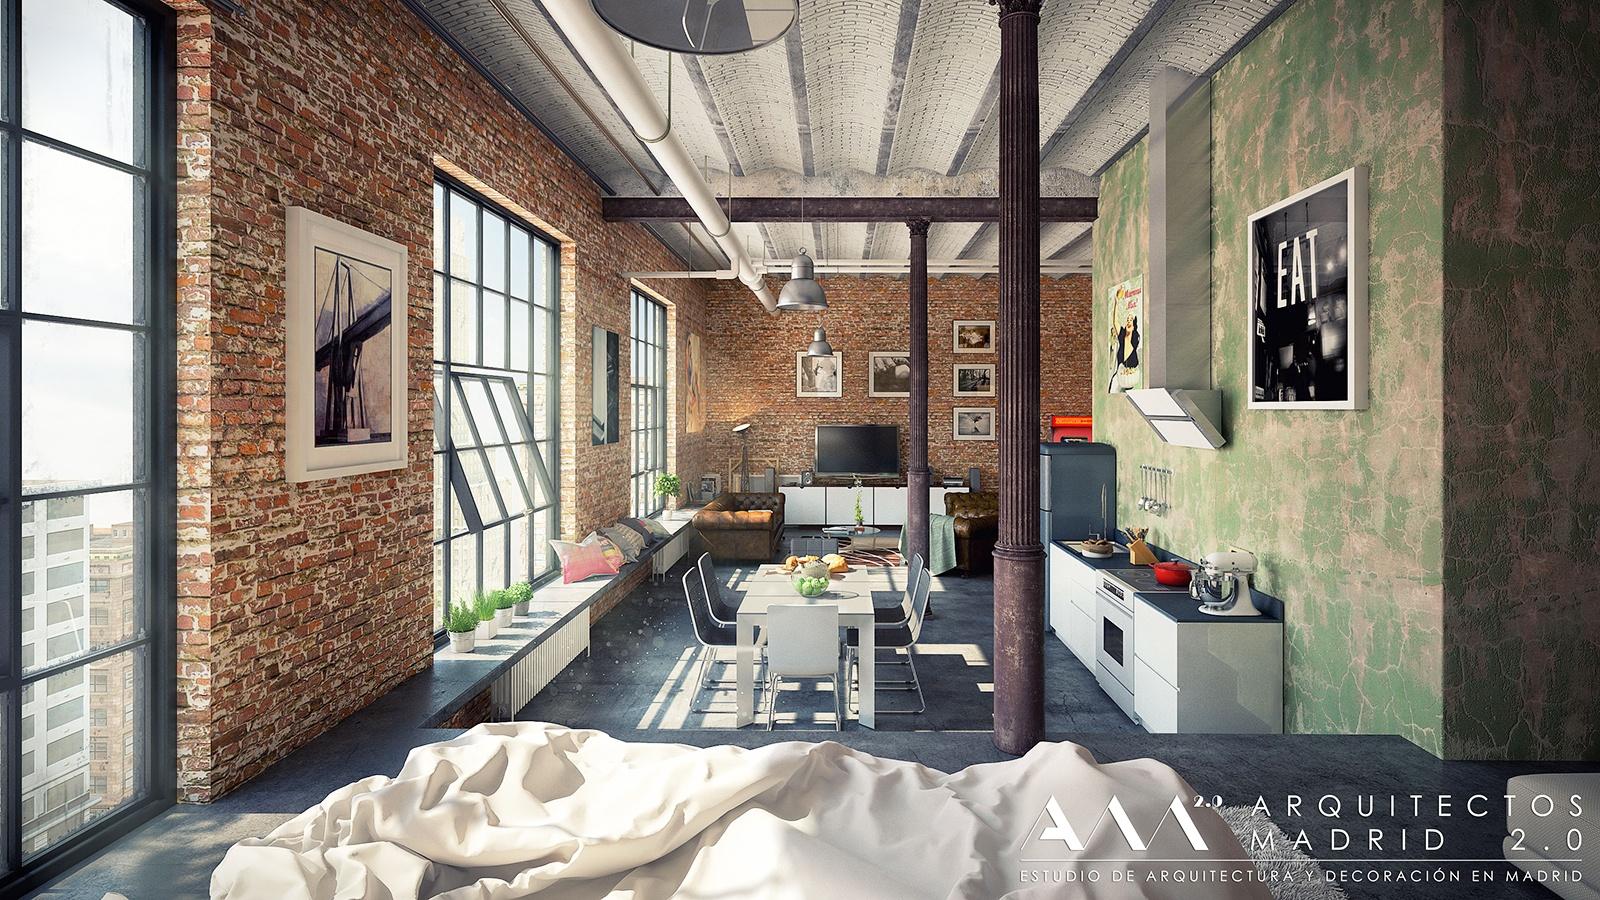 ideas-convertir-local-en-vivienda-proyectos-arquitectos-madrid-01